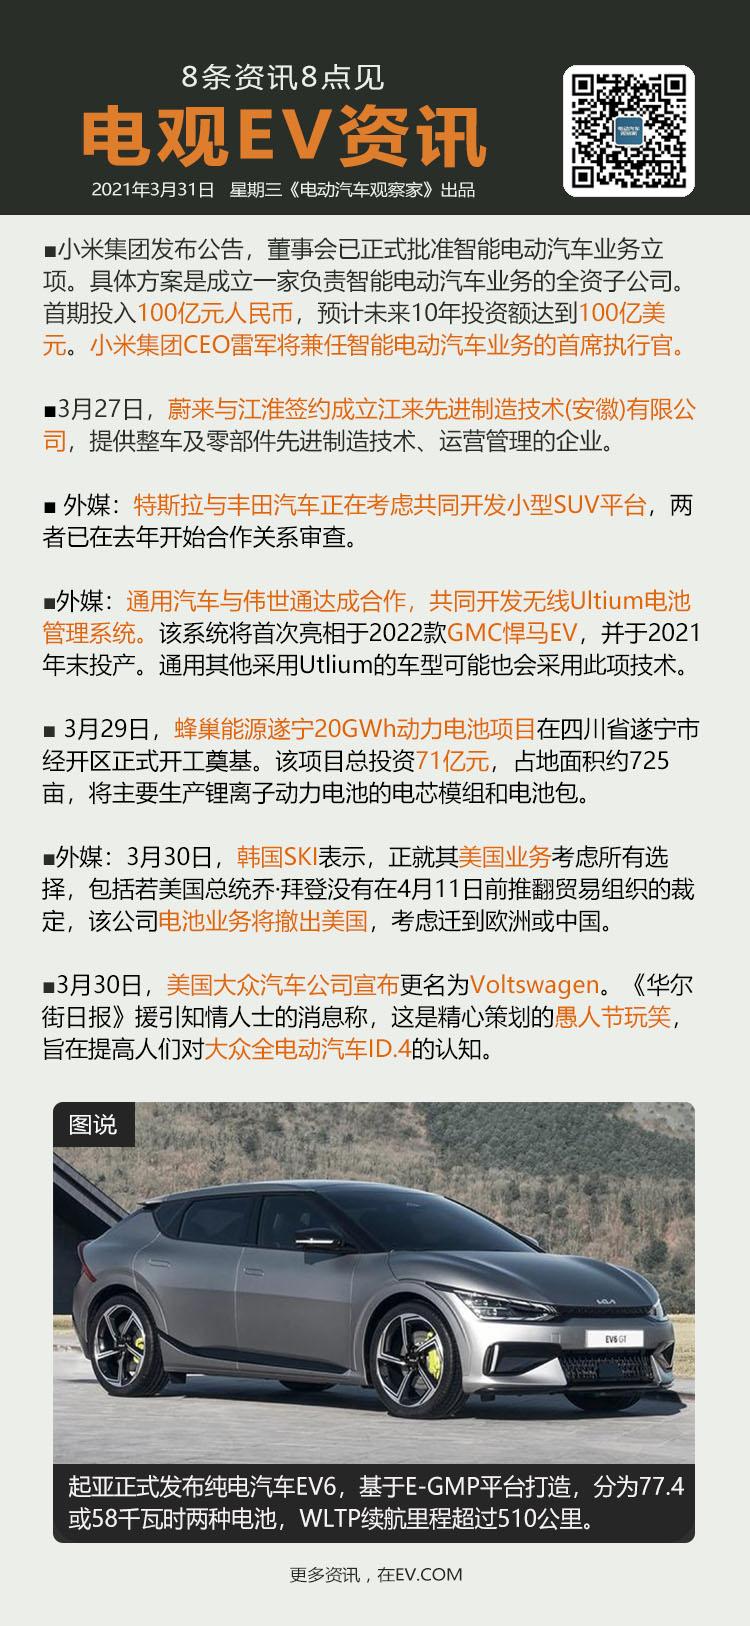 3月31日:小米确认造车、江来公司正式成立、特斯拉丰田共同开发小型SUV平台